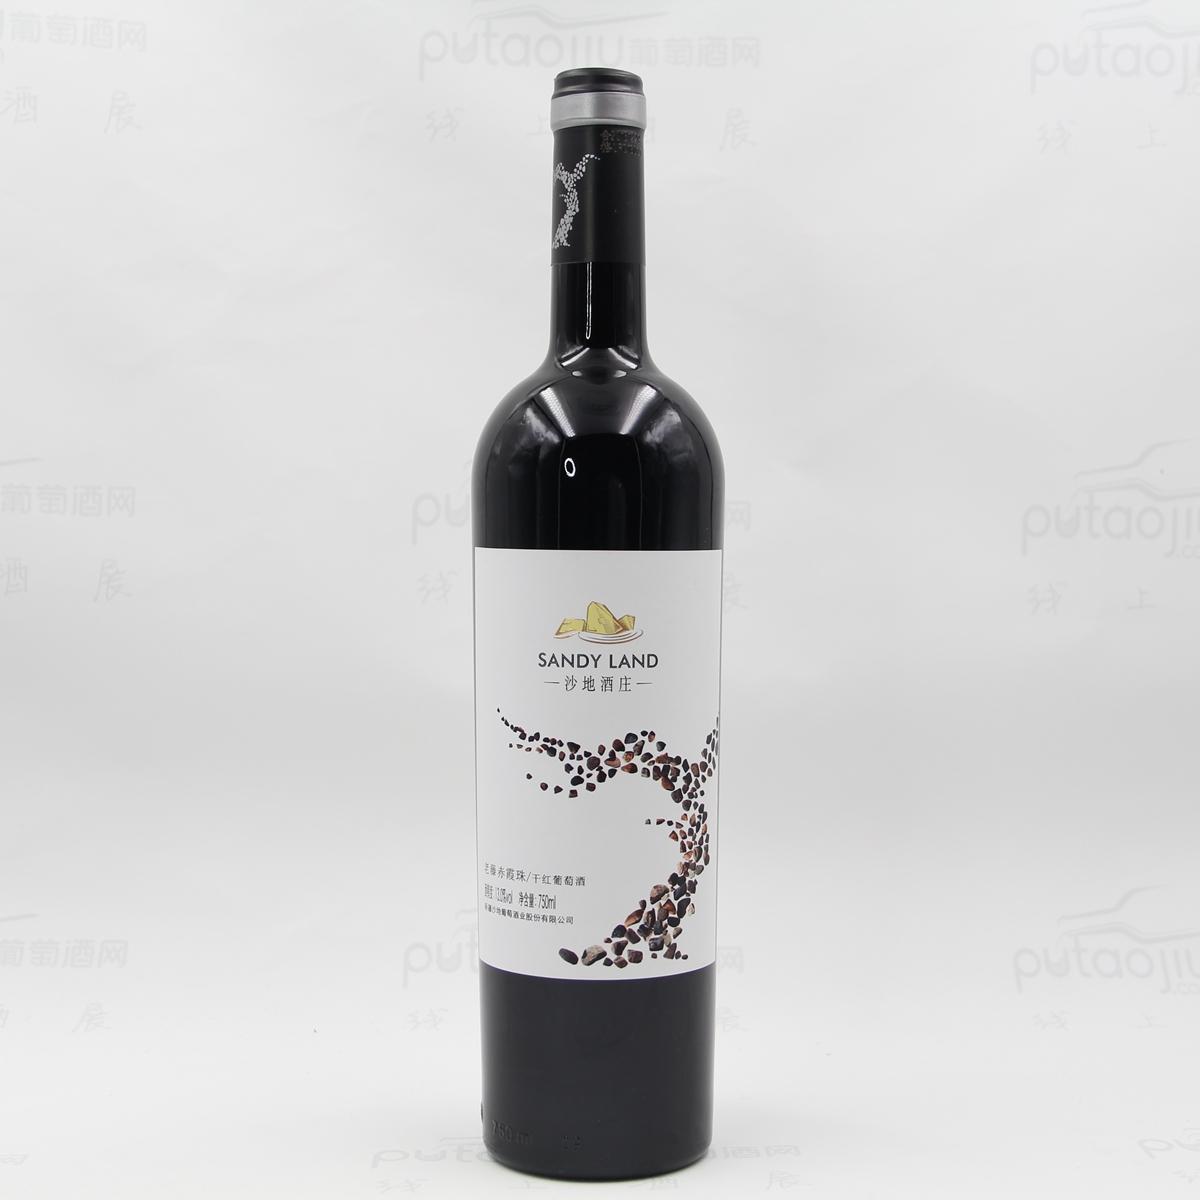 沙地酒庄 老藤赤霞珠干红葡萄酒